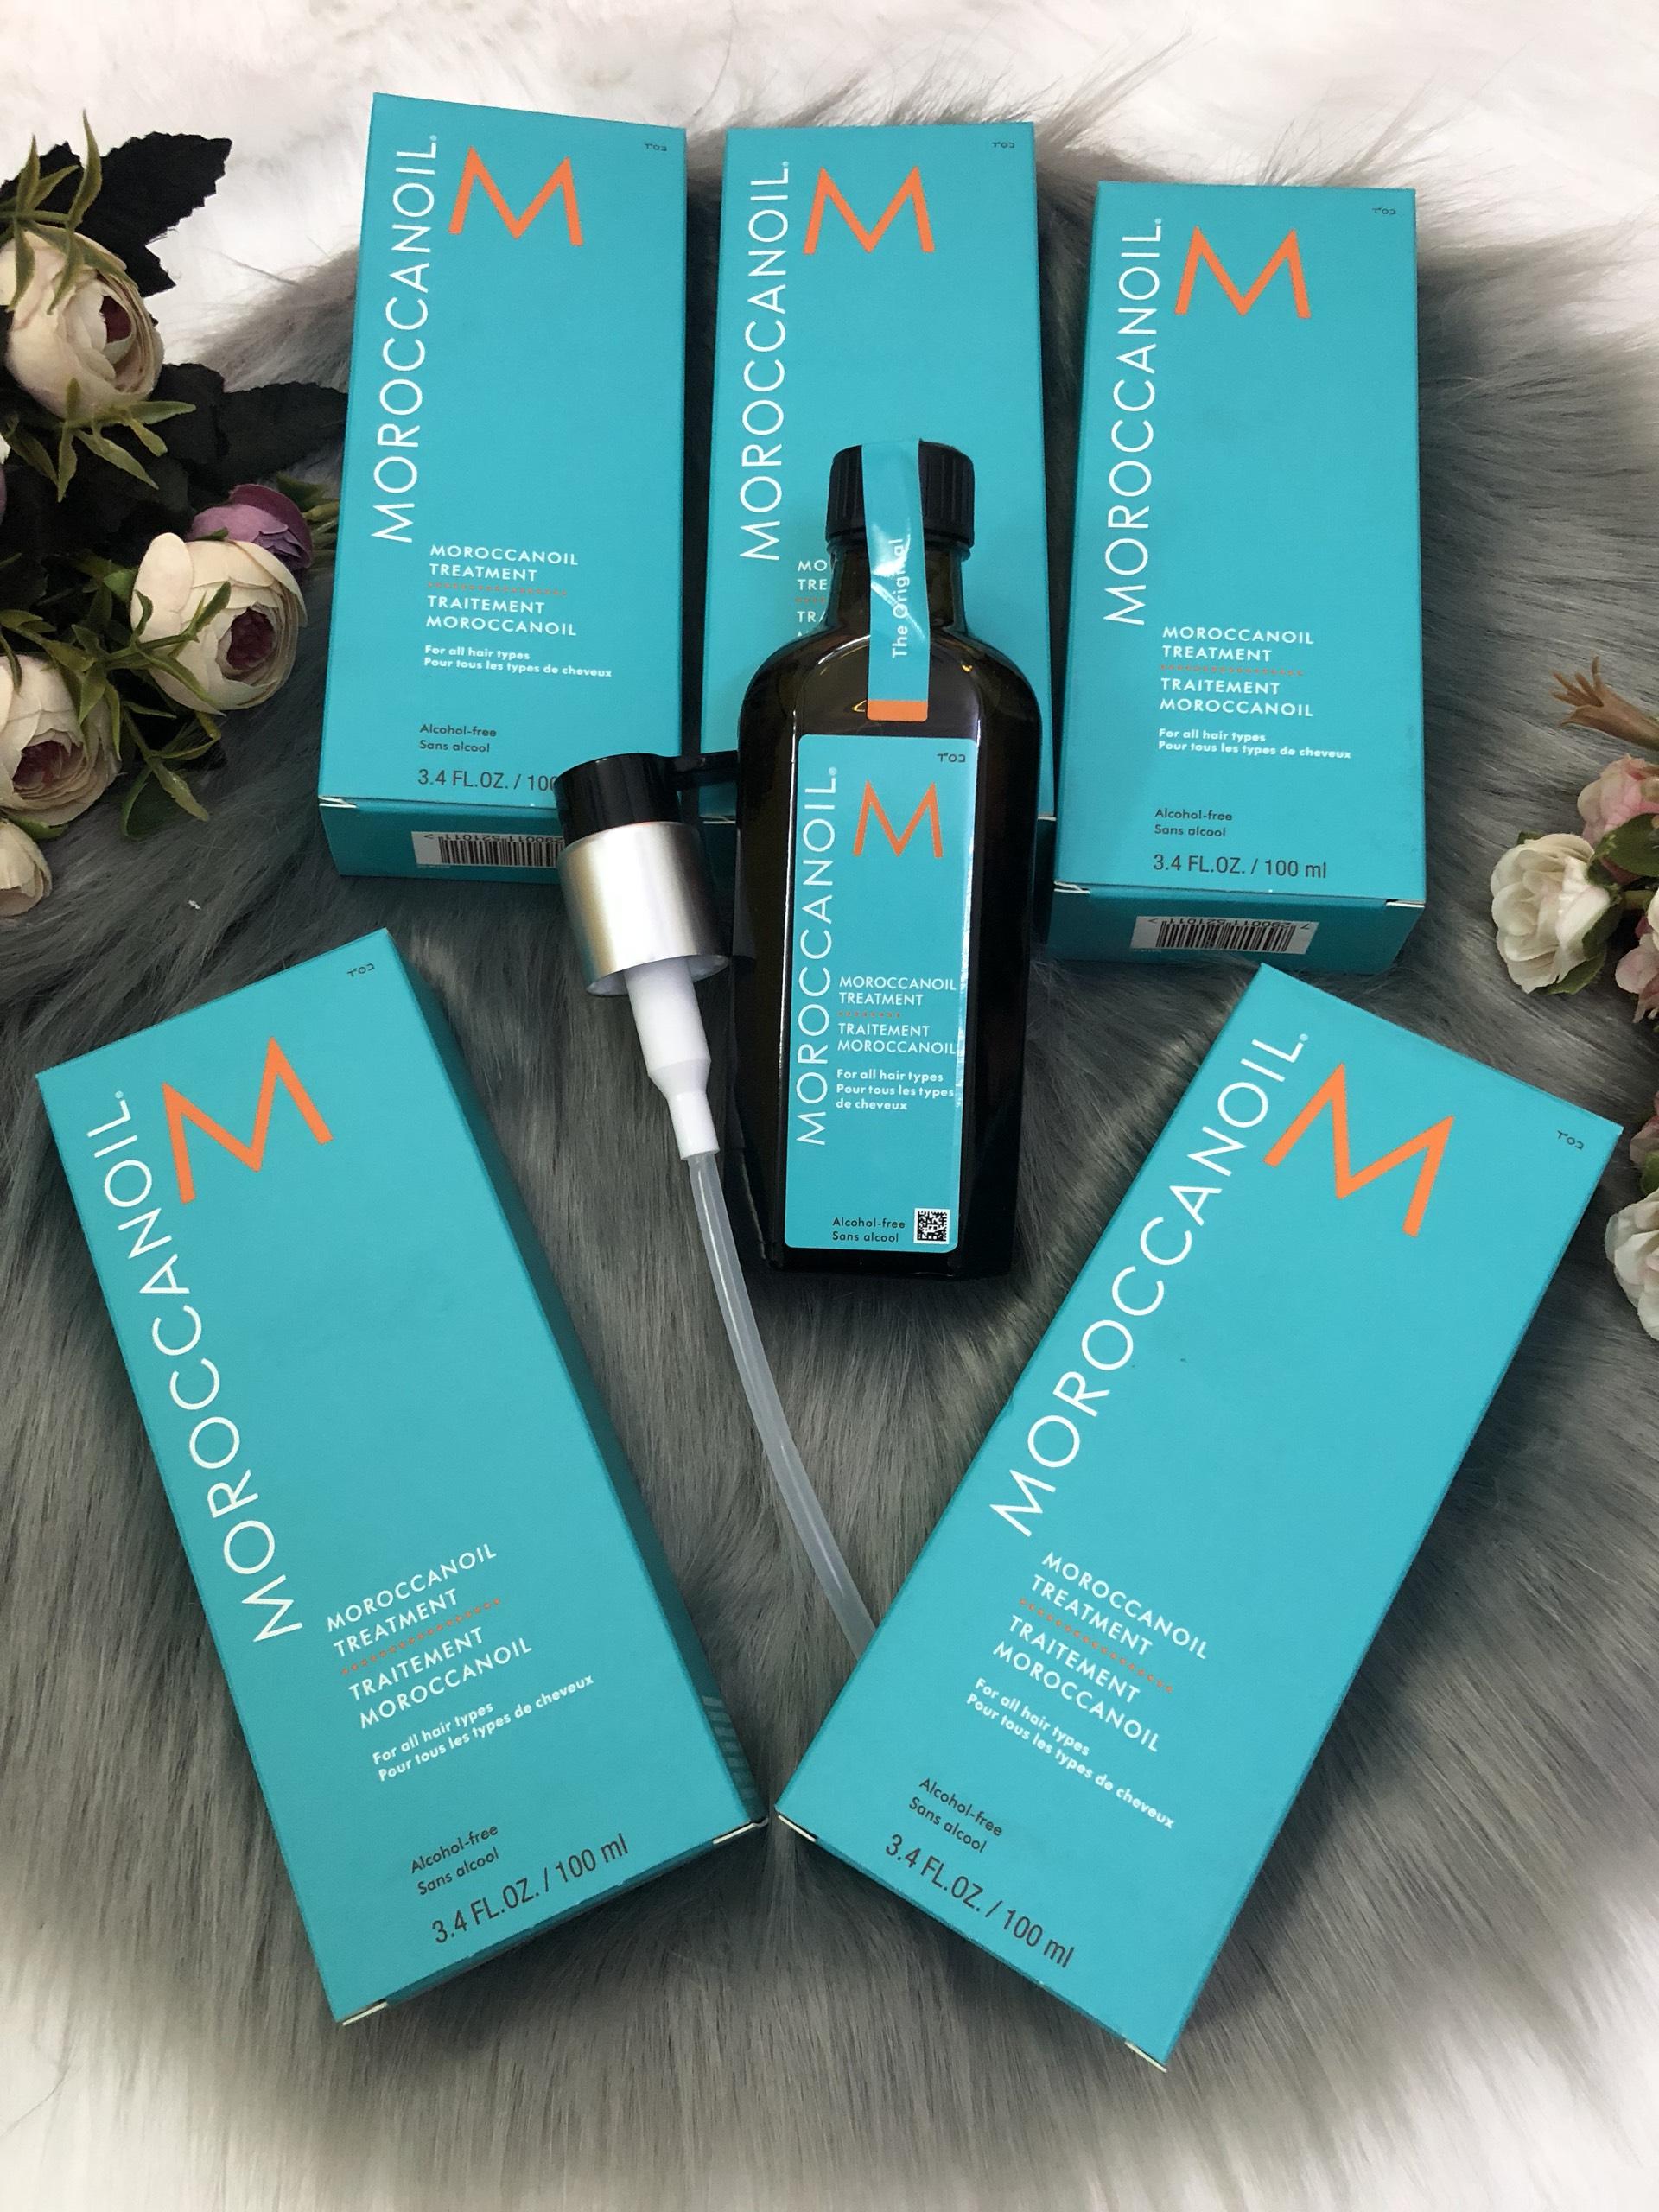 Tinh dầu Moroccanoil dưỡng tóc mềm mượt